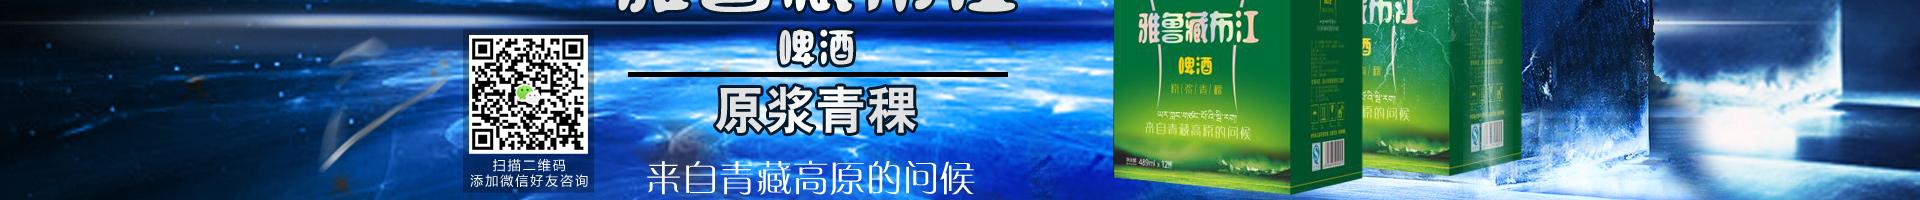 哈尔滨海外啤酒集团有限公司